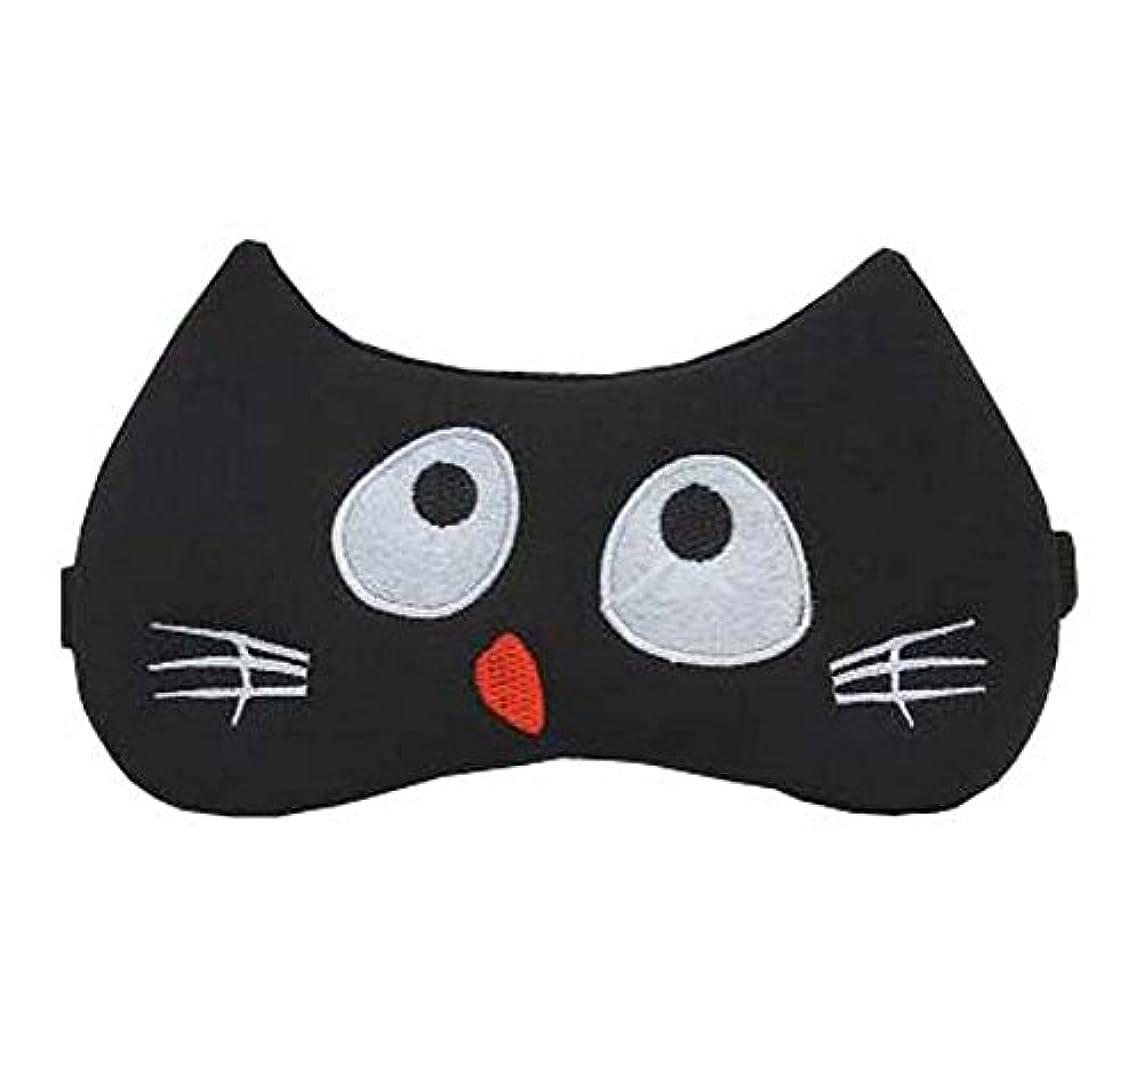 エレメンタルミトン不利益快適なかわいい目のマスクは、睡眠の作業のための不眠症とストレスを軽減し、D